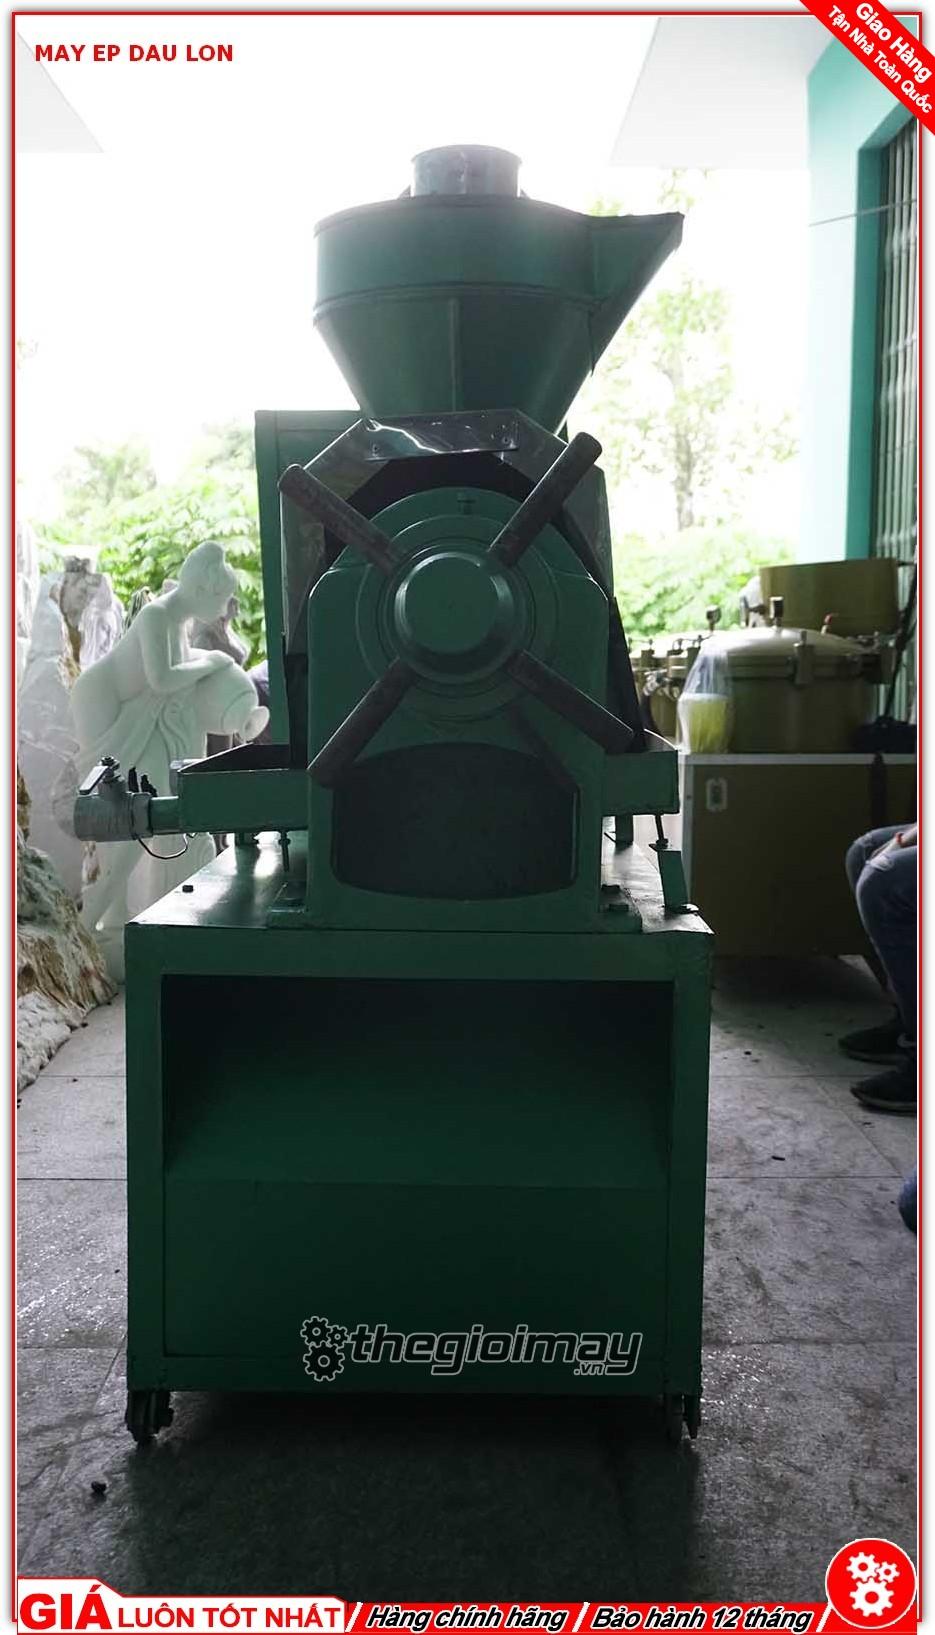 Mặt hông máy ép dầu OKASU OKA 95A